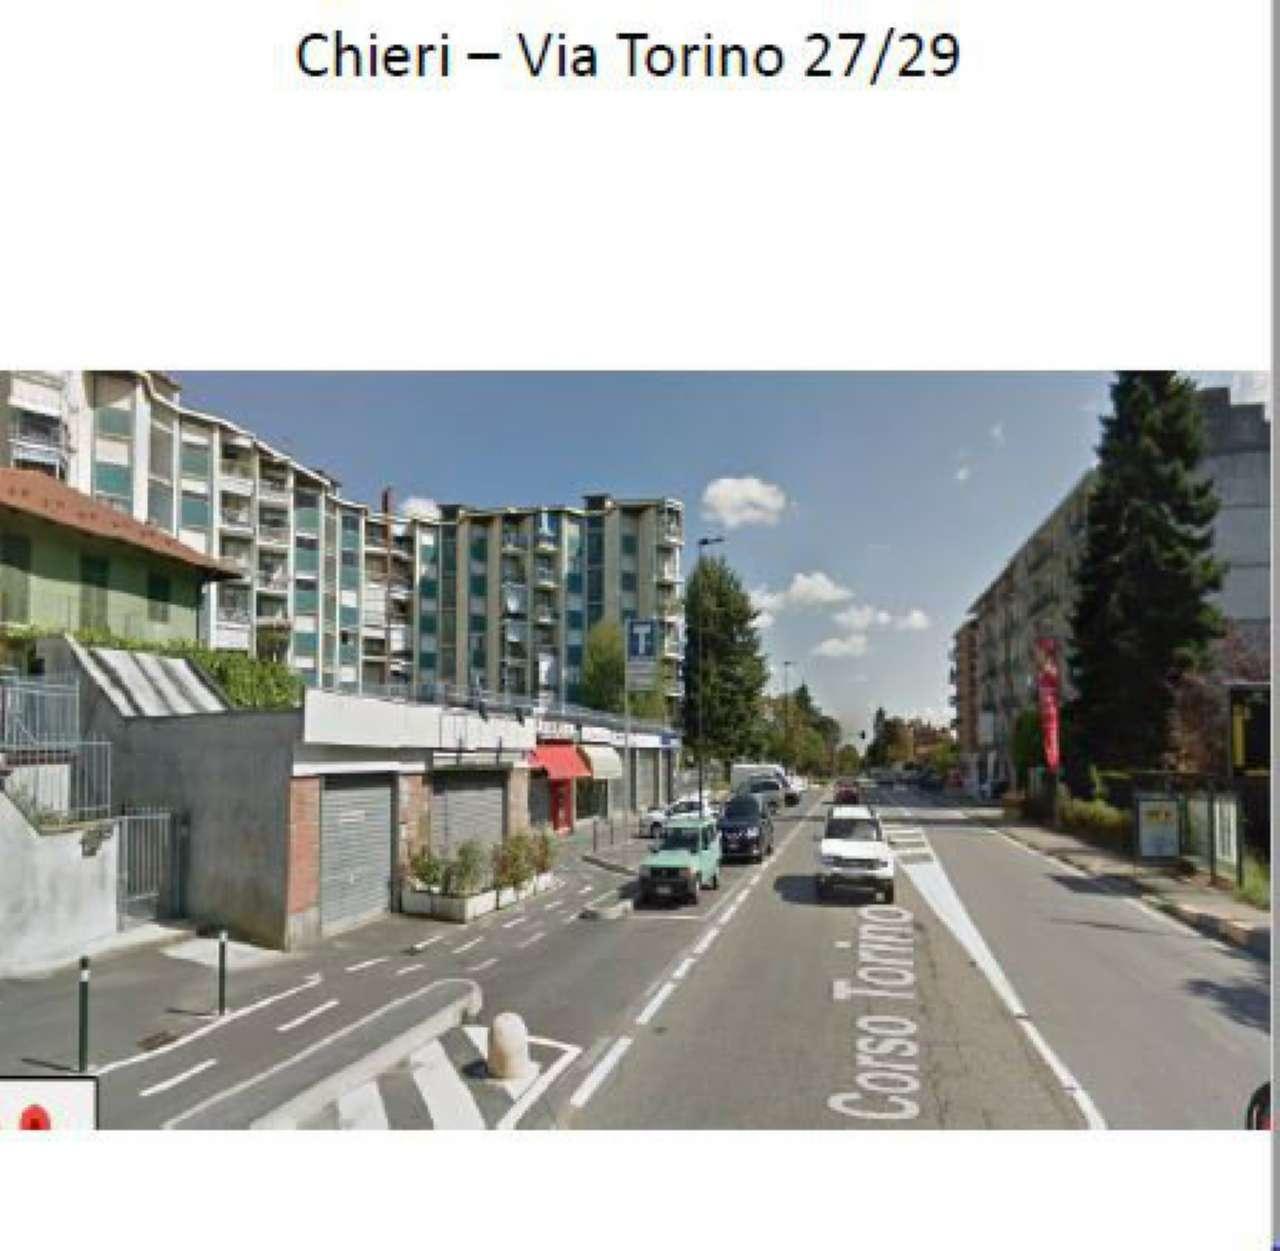 Negozio / Locale in vendita a Chieri, 1 locali, prezzo € 1.150.000 | CambioCasa.it